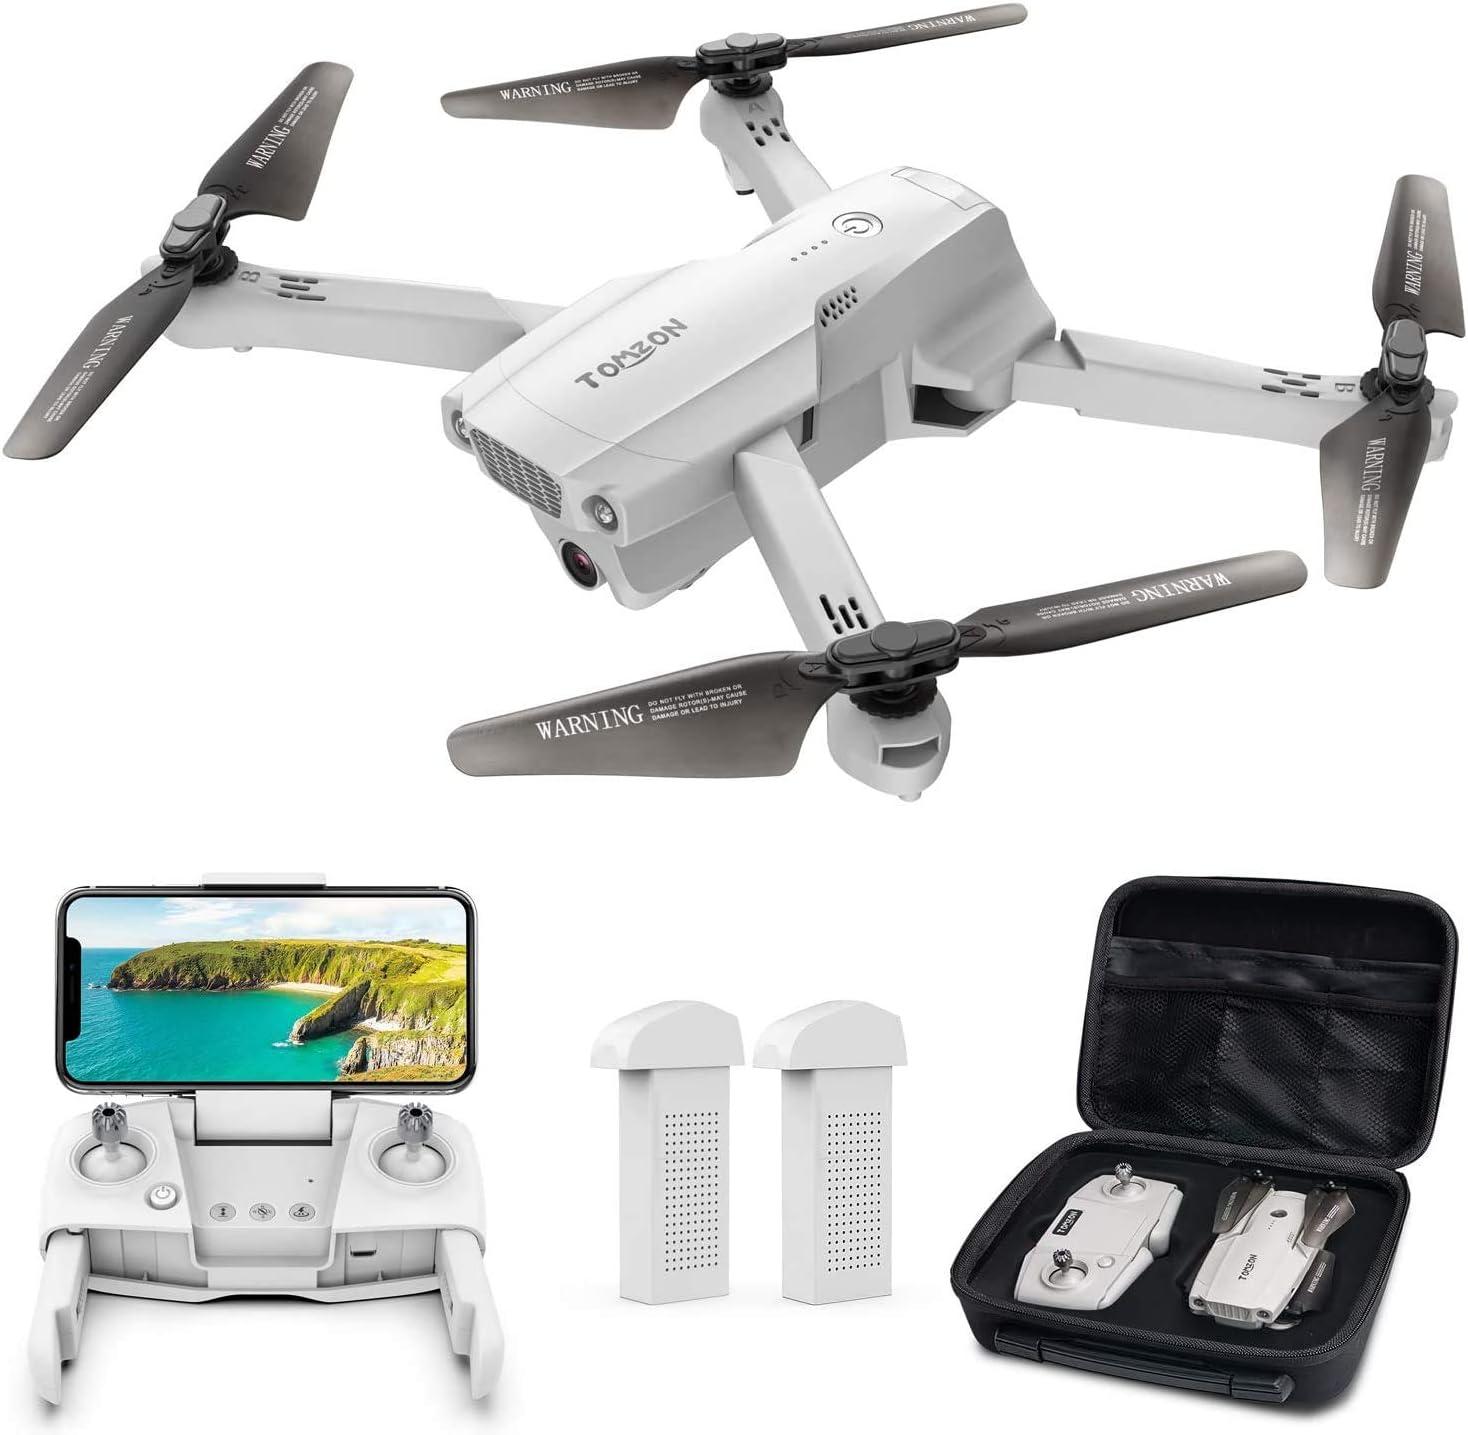 Tomzon D65 GPS Drone con cámara 4K HD WiFi, FPV RC Quadcopter plegable con regreso automático a casa, Sígueme, Tap Fly, Control de gestos, Modo MV, 2 baterías de 40 minutos y estuche de almacenamiento